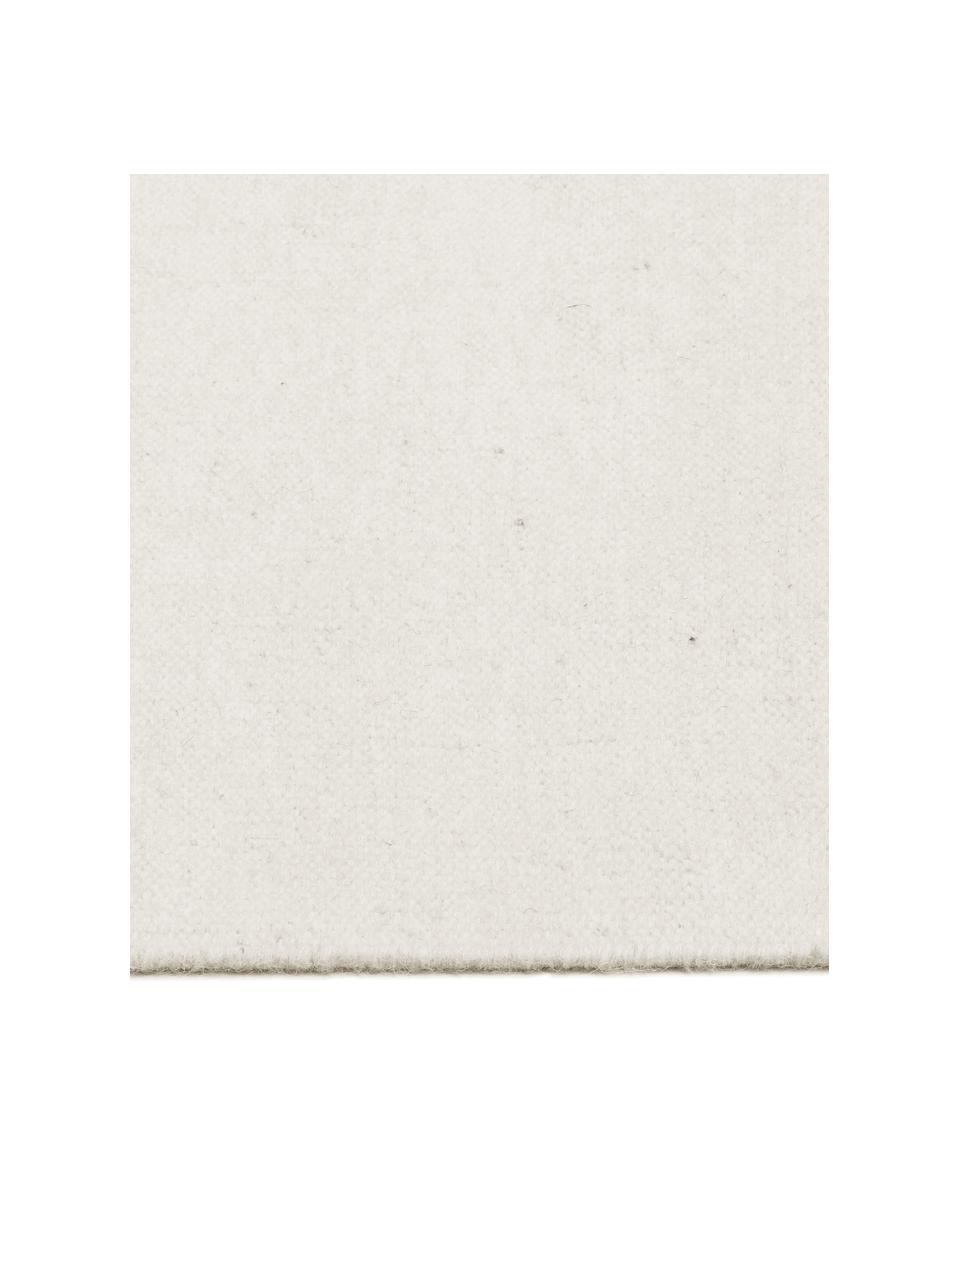 Handgeweven kelim vloerkleed Rainbow in gebroken wit met franjes, Franjes: 100% katoen, Natuurwit, B 140 x L 200 cm (maat S)